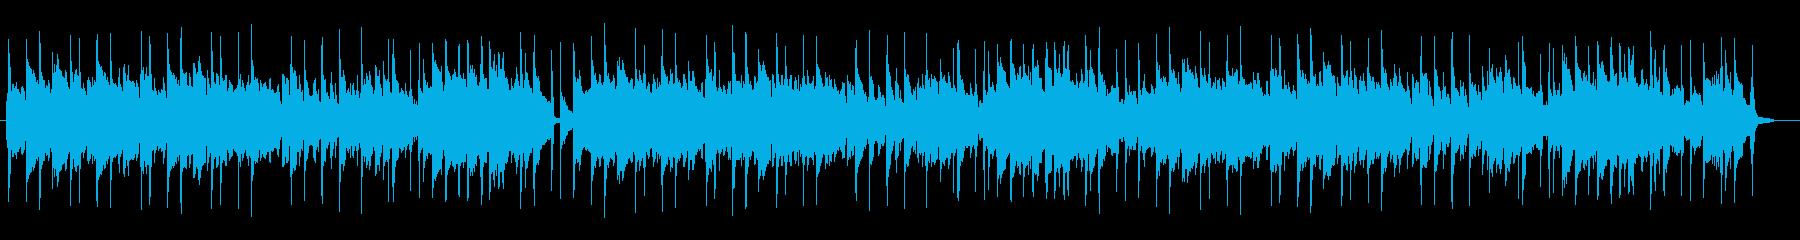 優しく安らぎのある穏やかな曲の再生済みの波形